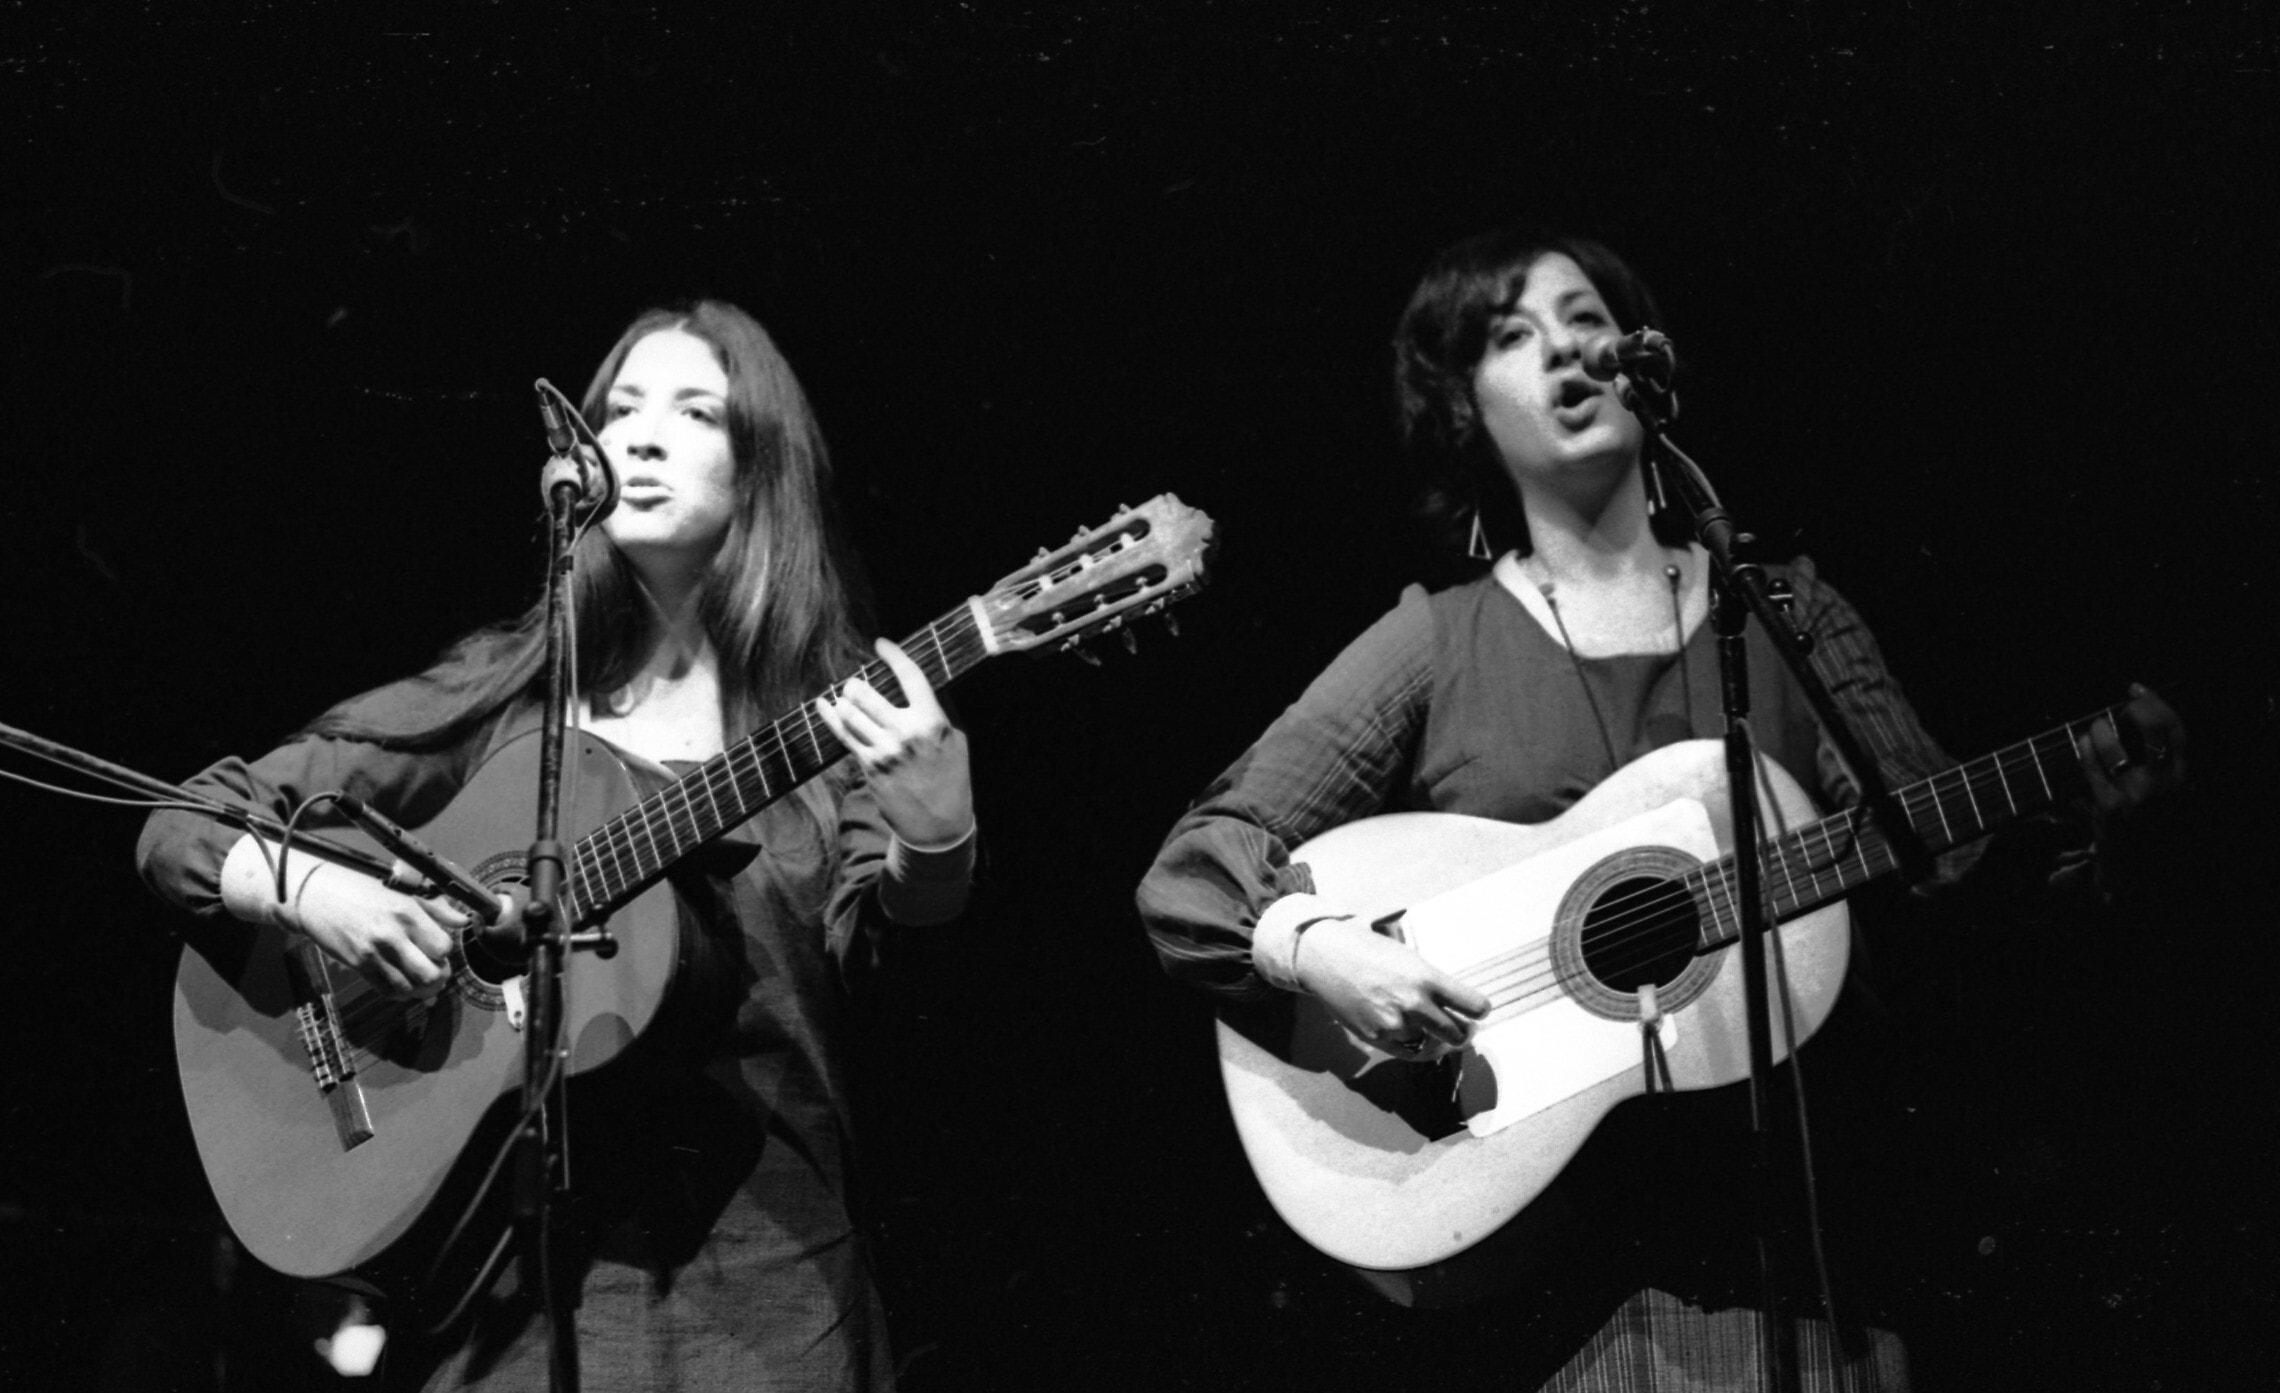 הצמד סוזן ופרן בערב שירי משוררים בבית החייל בתל אביב, 25 בינואר 1972 (צילום: אוסף דן הדני, הספרייה הלאומית)